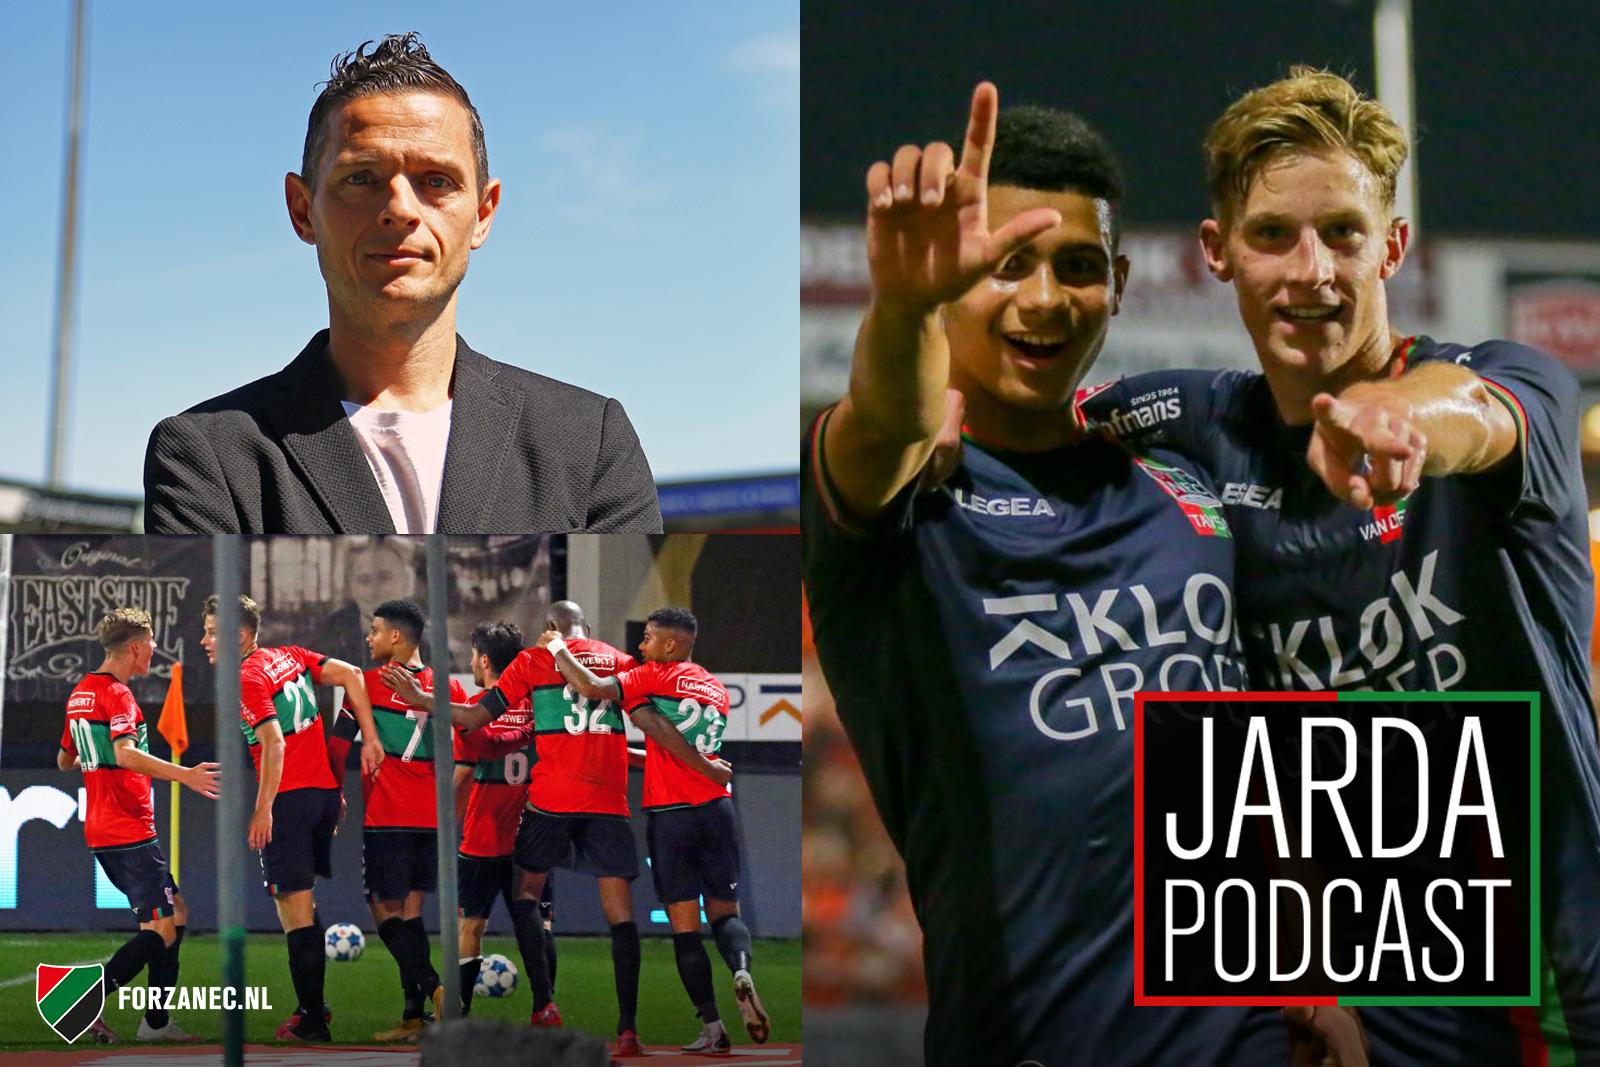 Jarda Podcast #51: Locatie gezocht voor kampioensfeest